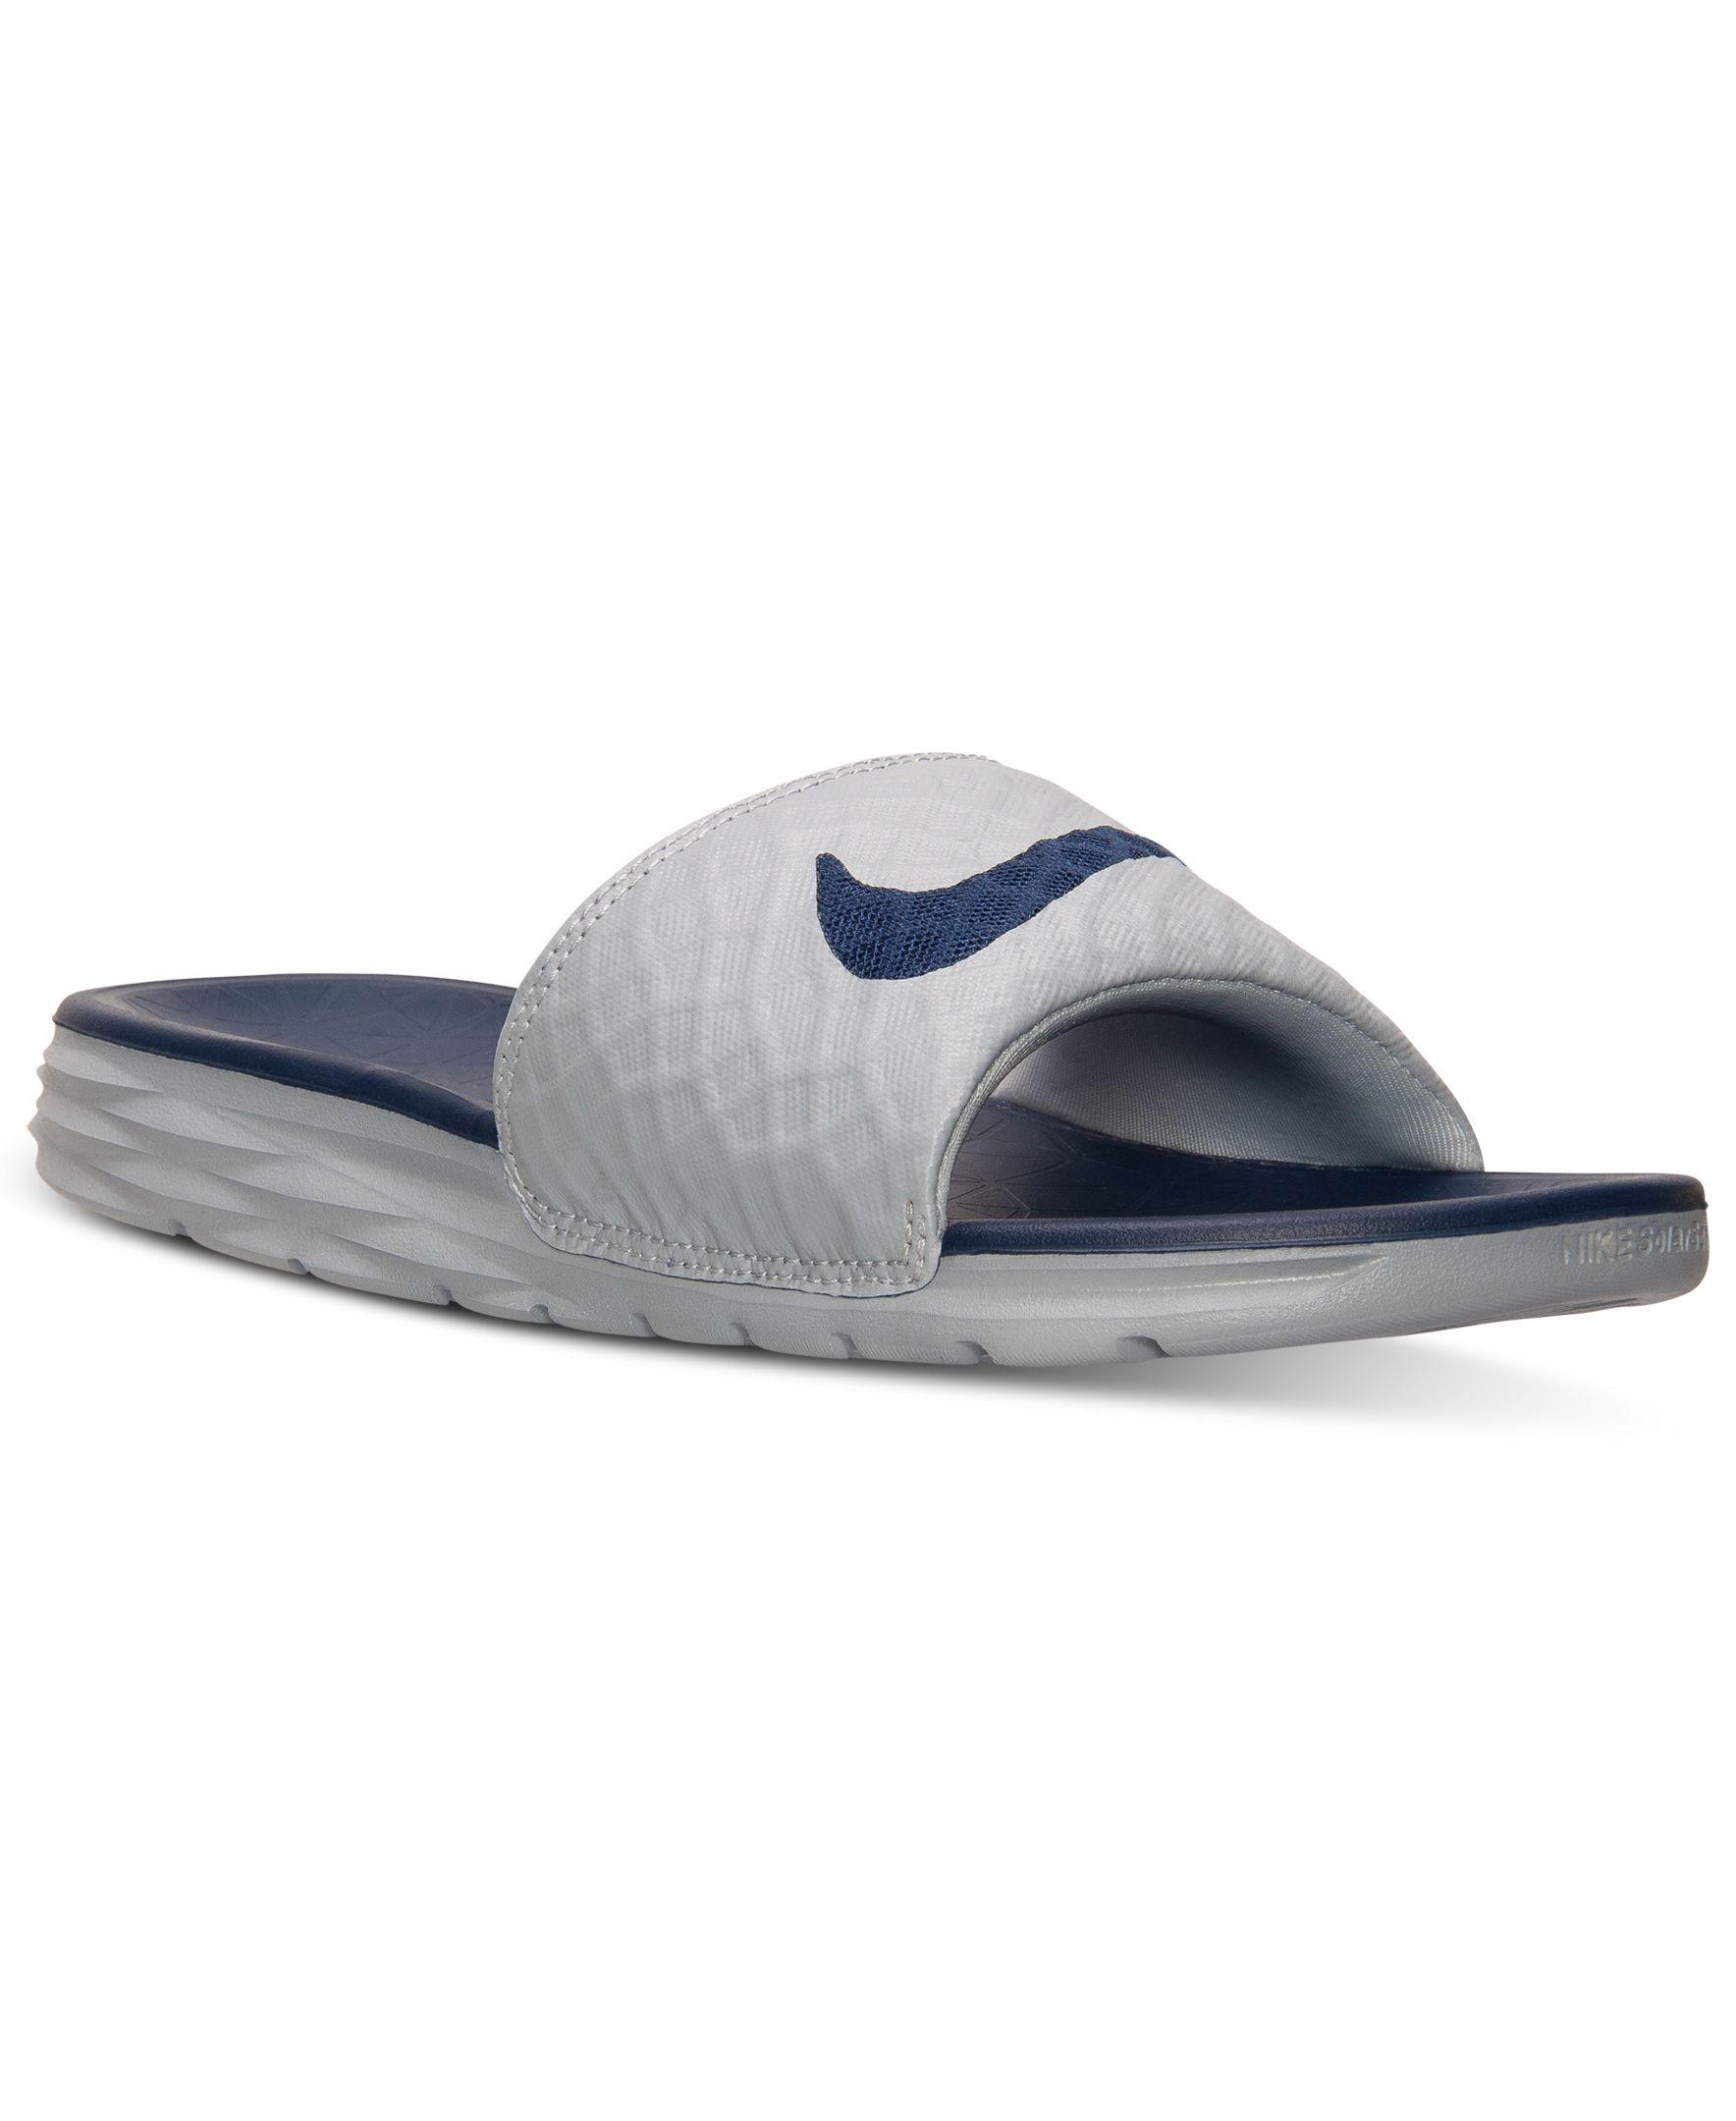 Nike Men's Benassi Solarsoft Slide 2